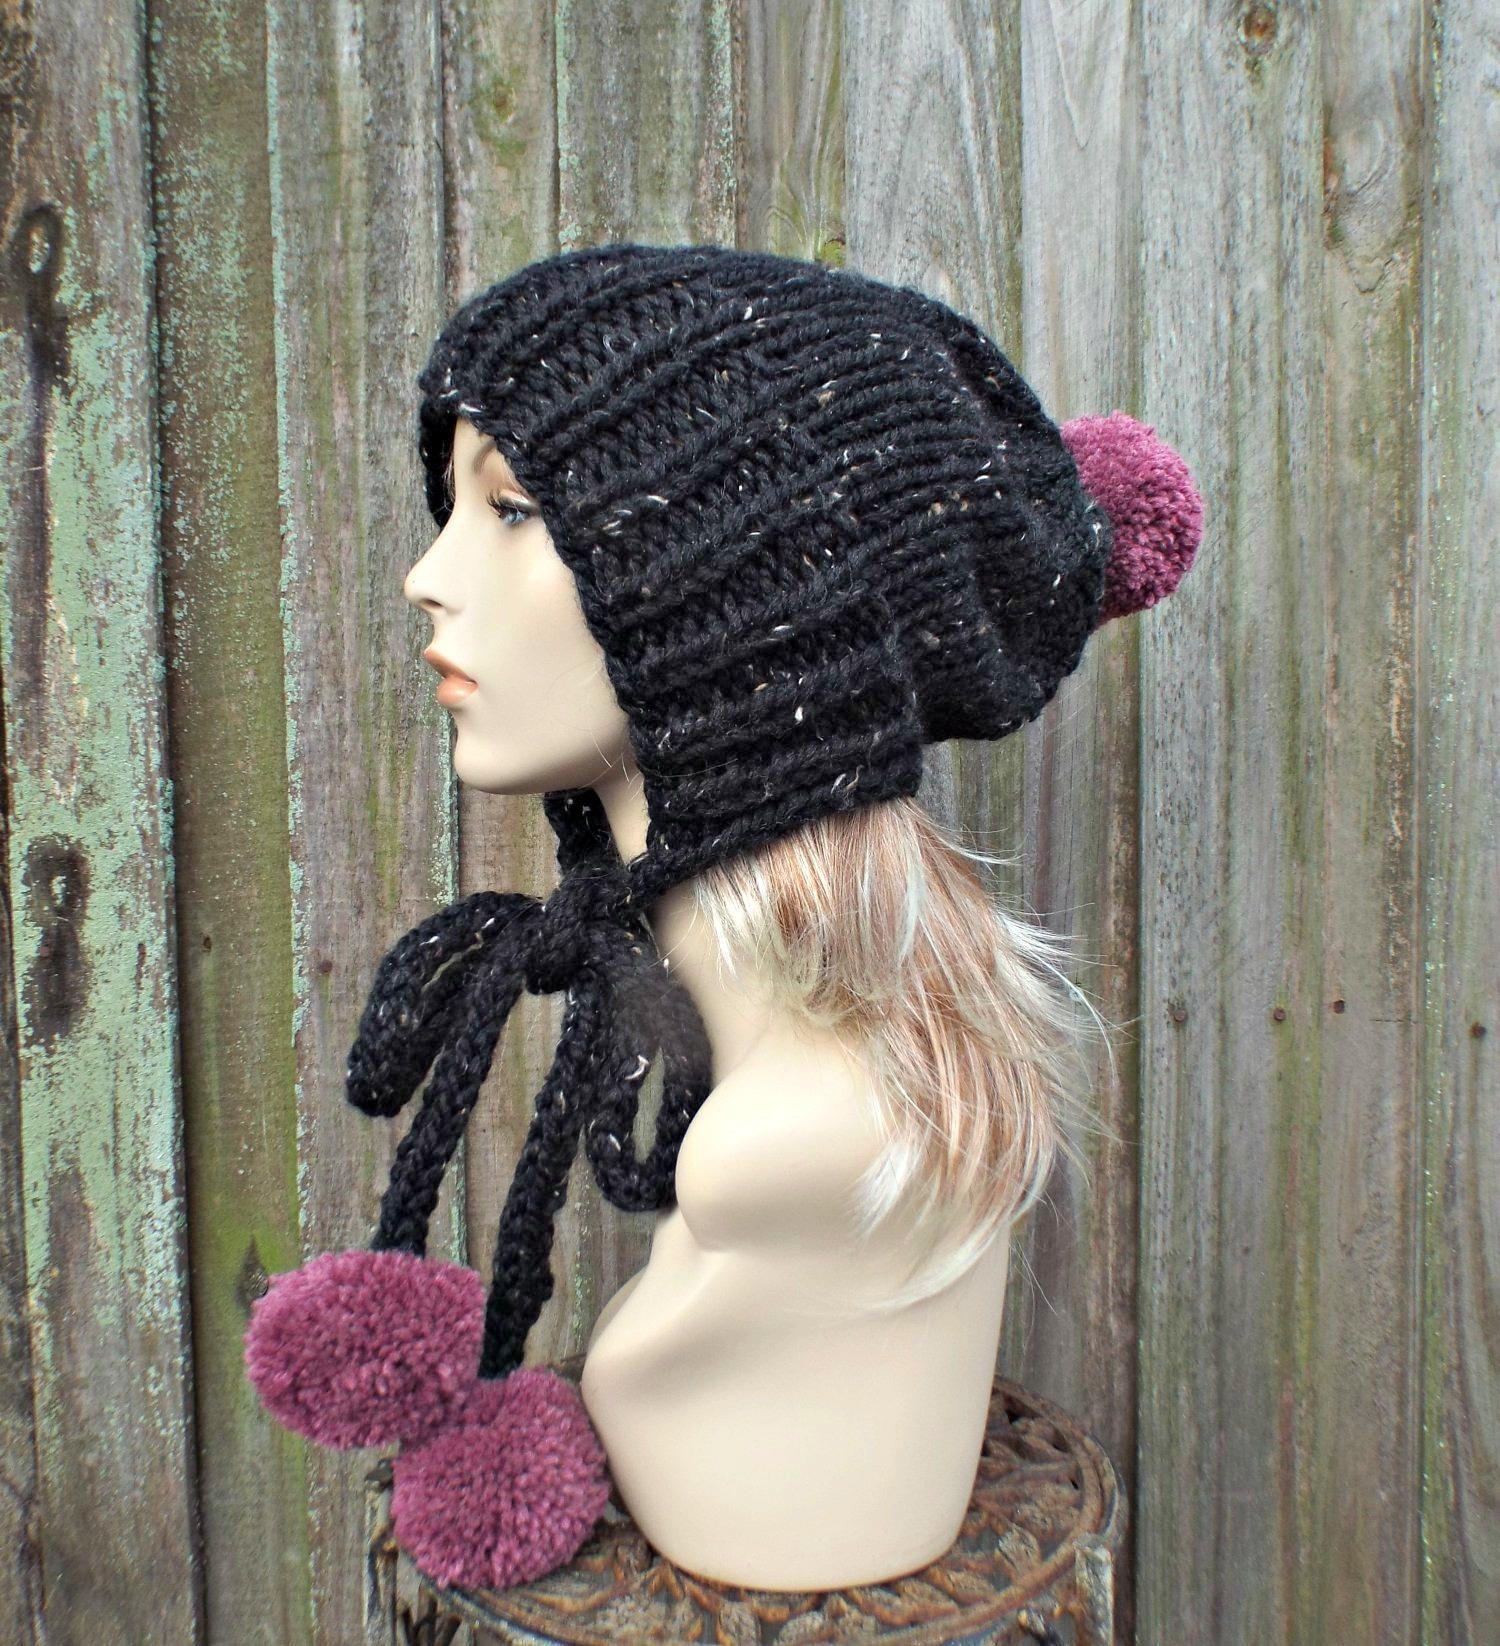 Crochet Slouchy Beanie Hat with POM POM BLACK